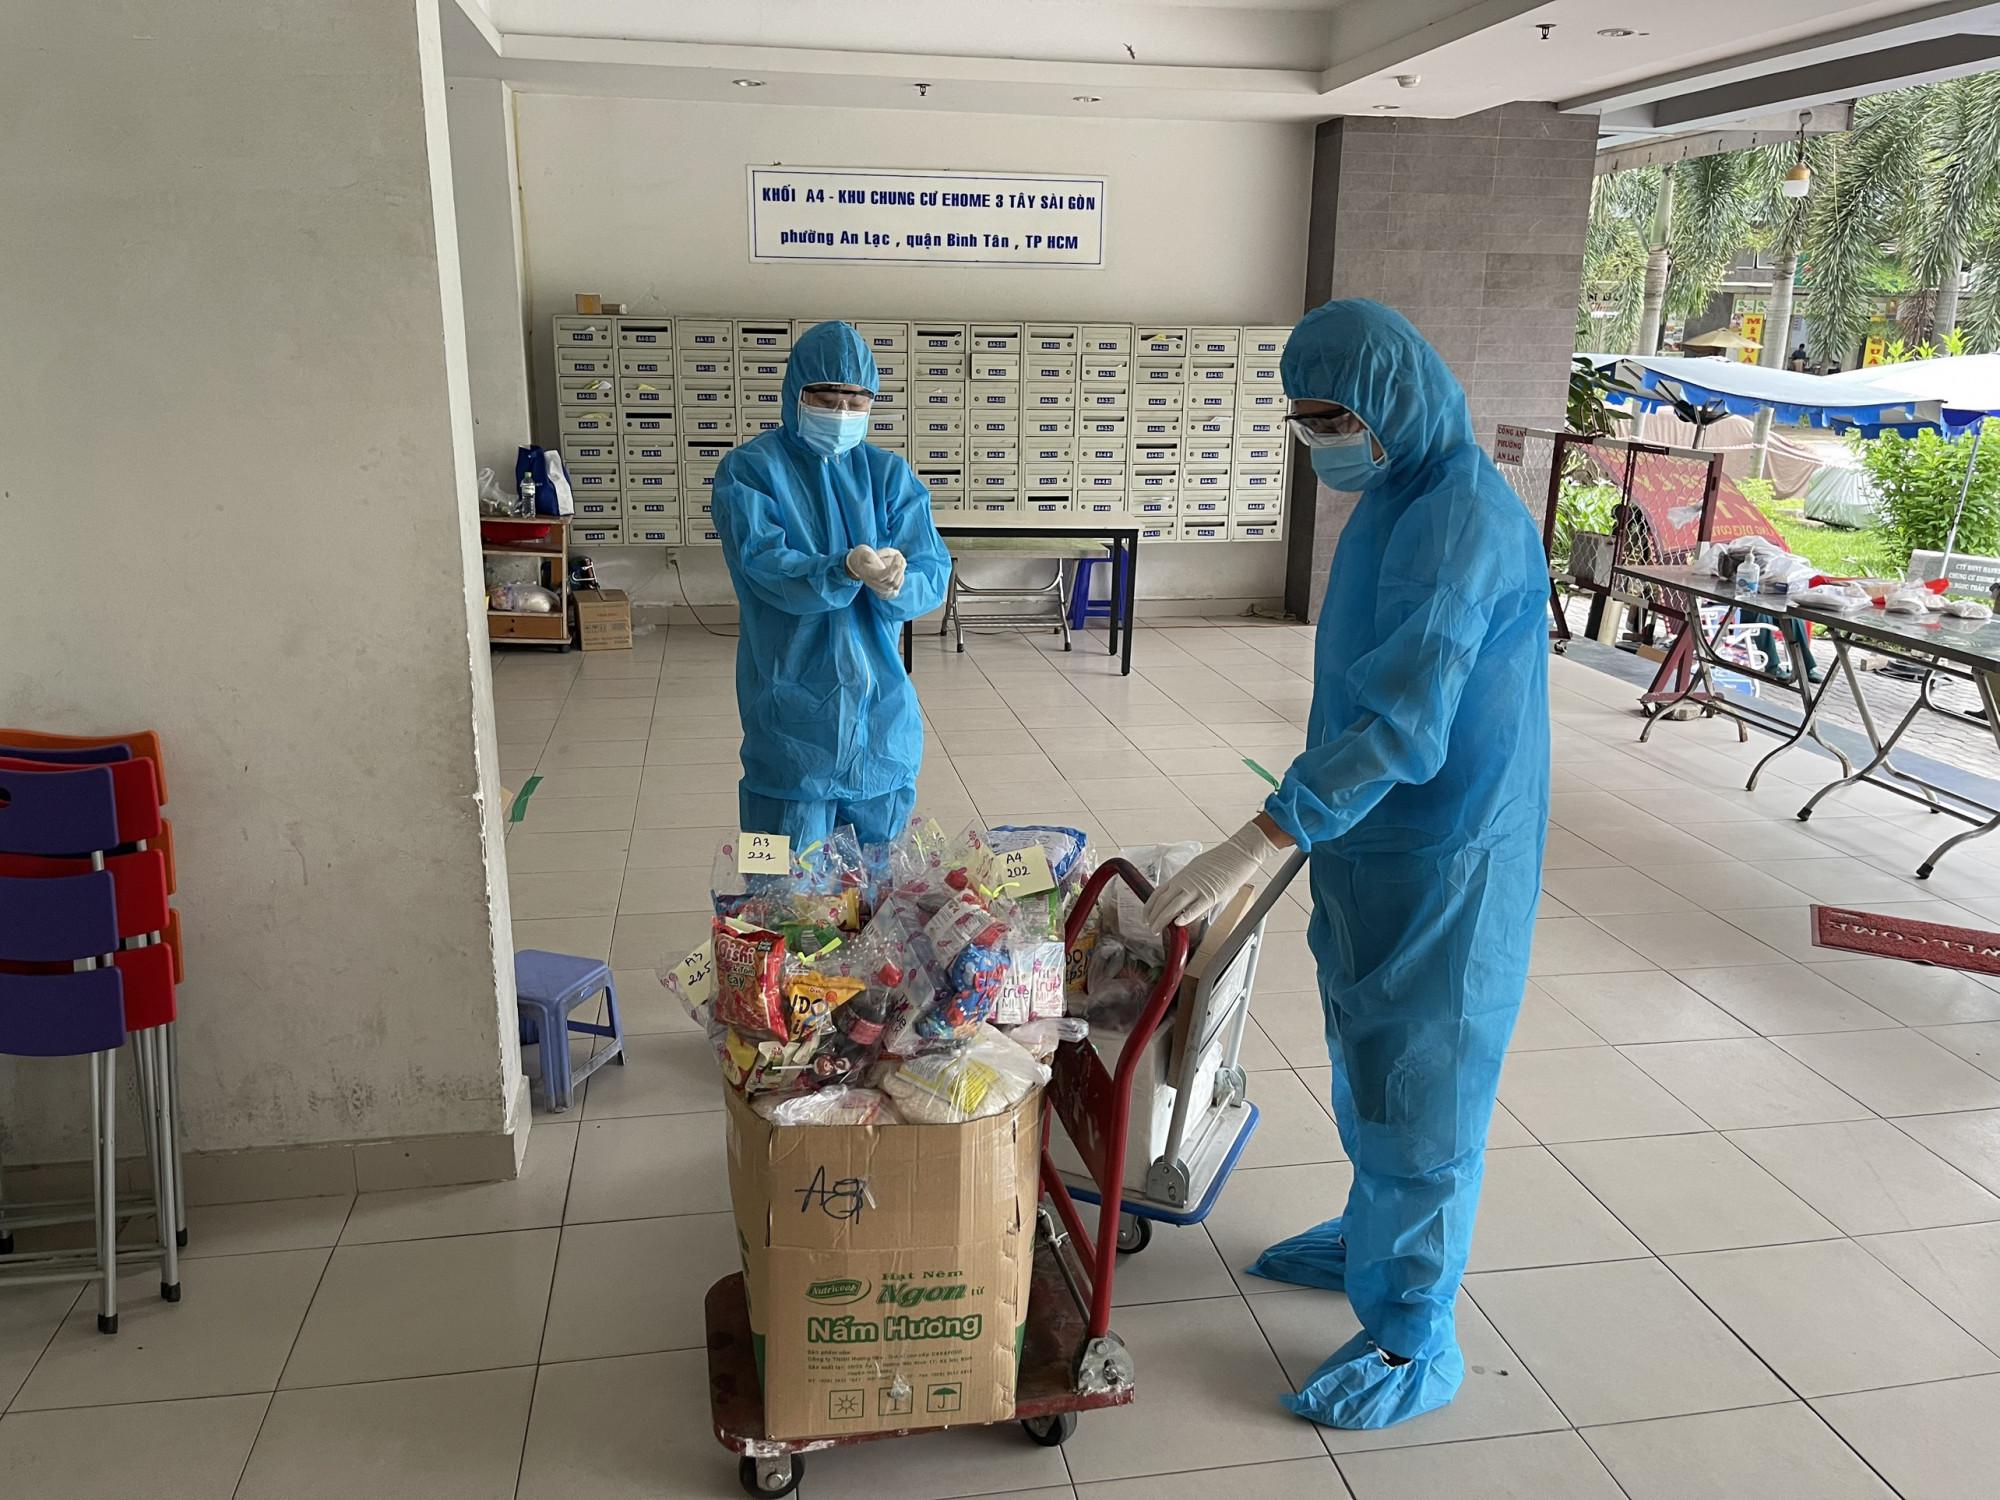 Cư dân ở chung cư Ehome 3 tự lập đội hỗ trợ vận chuyển hàng hóa giúp người dân trong vùng phong tỏa.